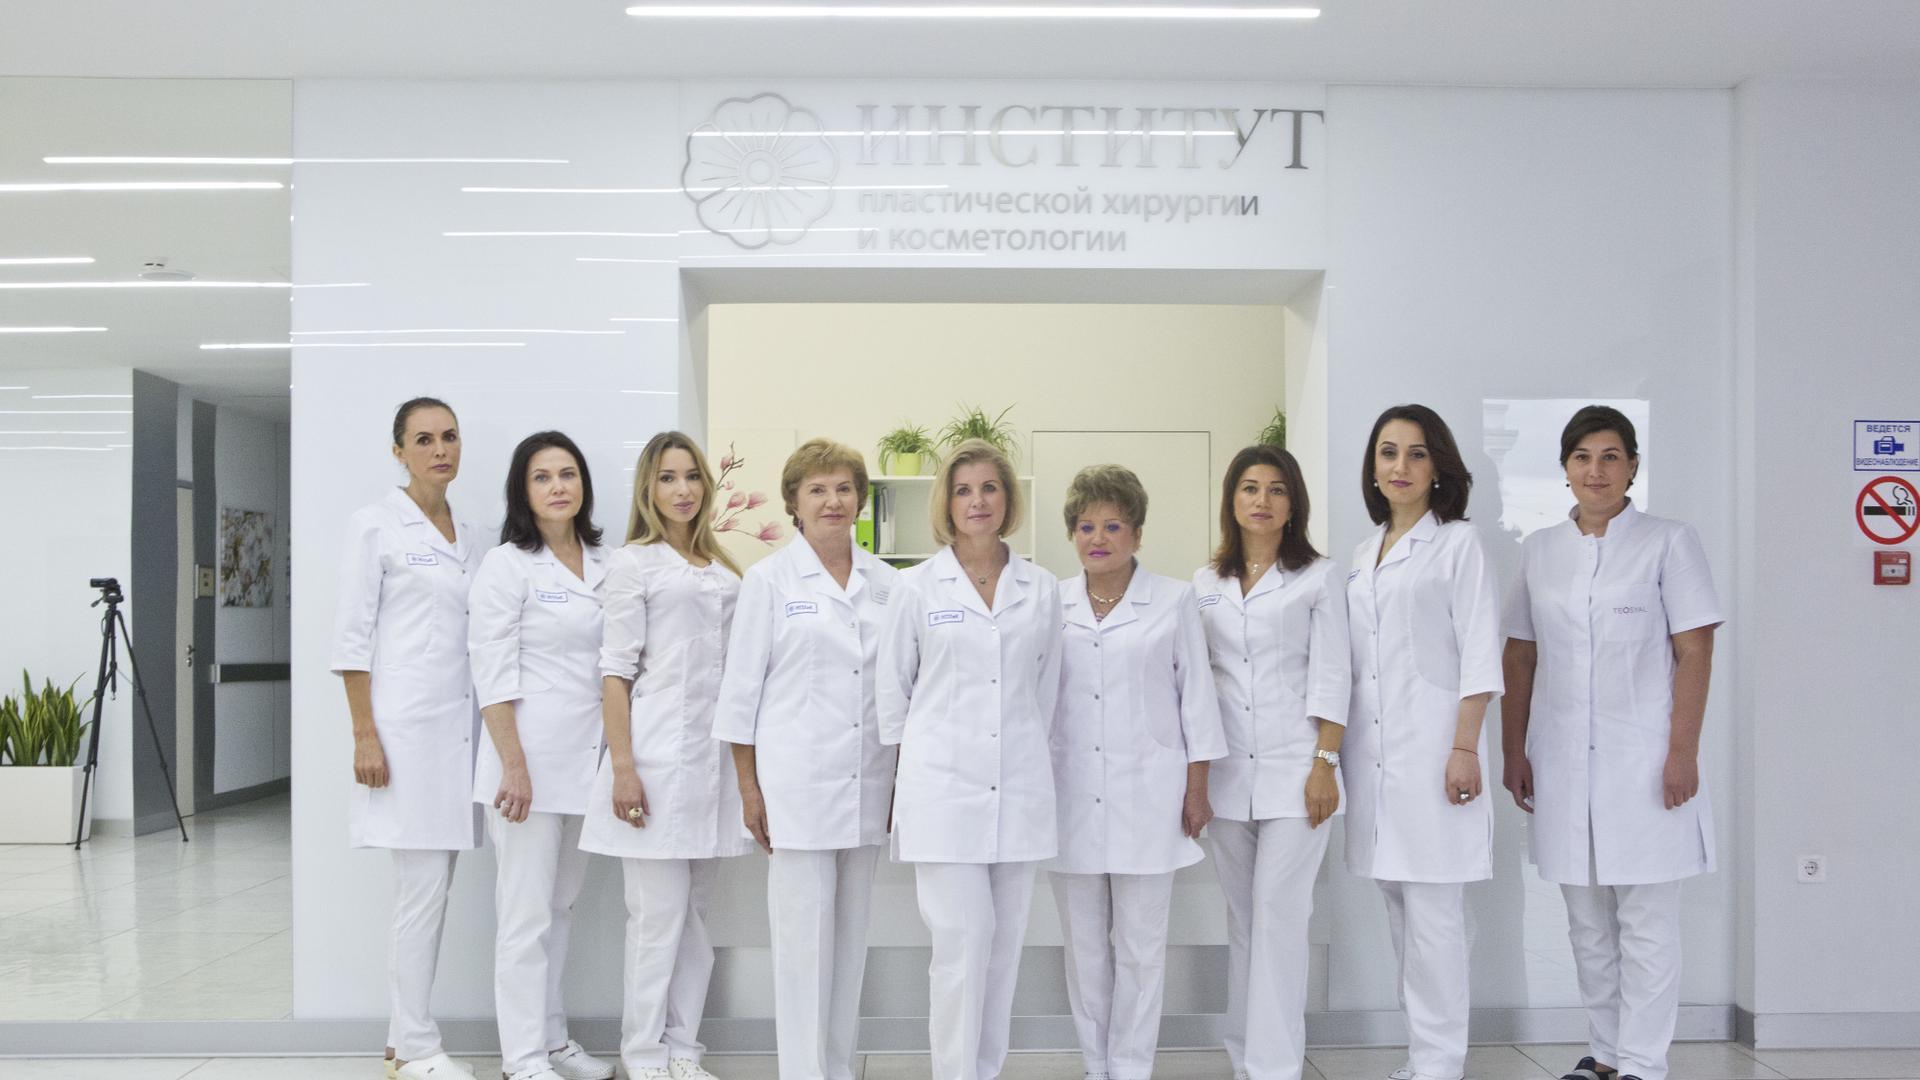 средней институт пластической хирургии и косметологии ольховская вакансии тех случаях, когда